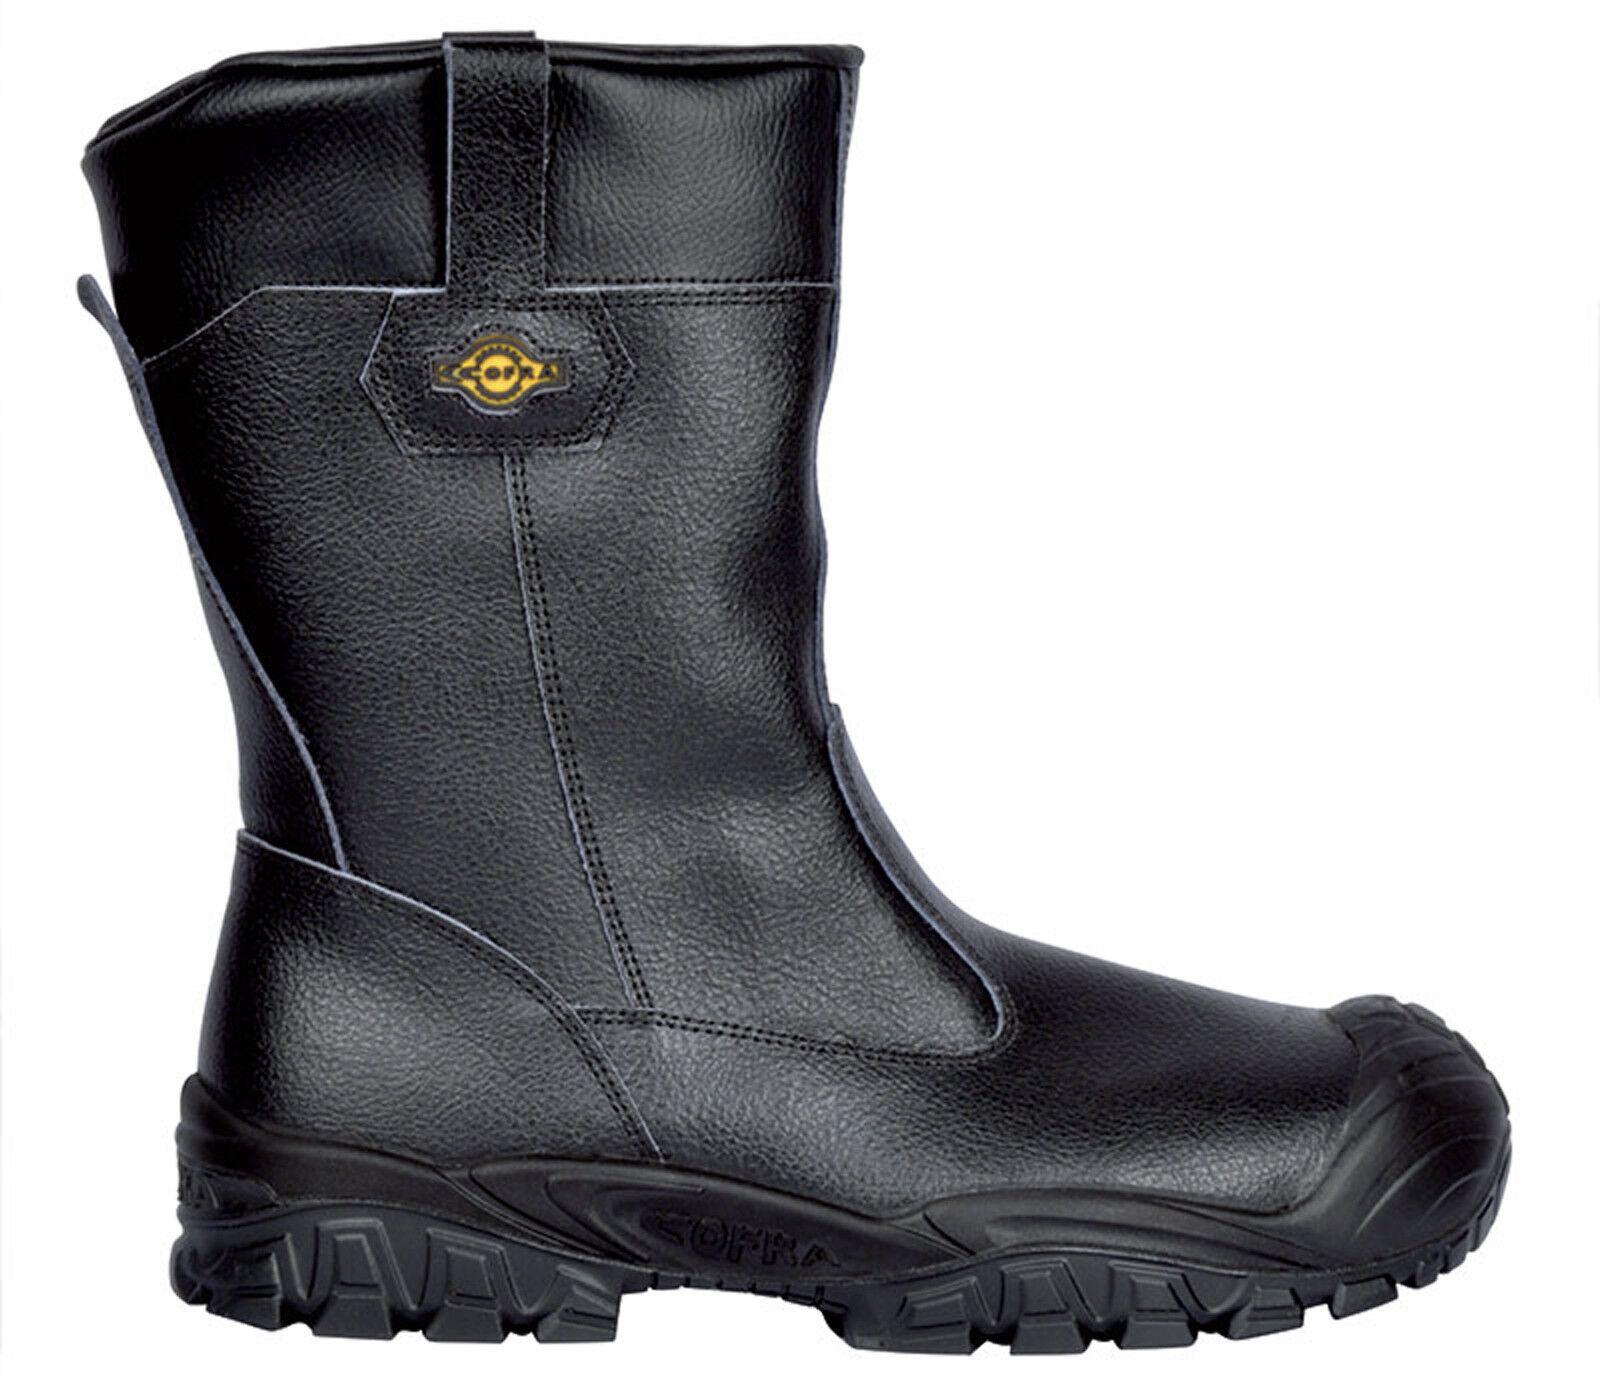 Stiefel Sicherheitsschuhe Cofra Arbeit Warta Warta Warta Vereinigtes Königreich s3 ci src f15a04